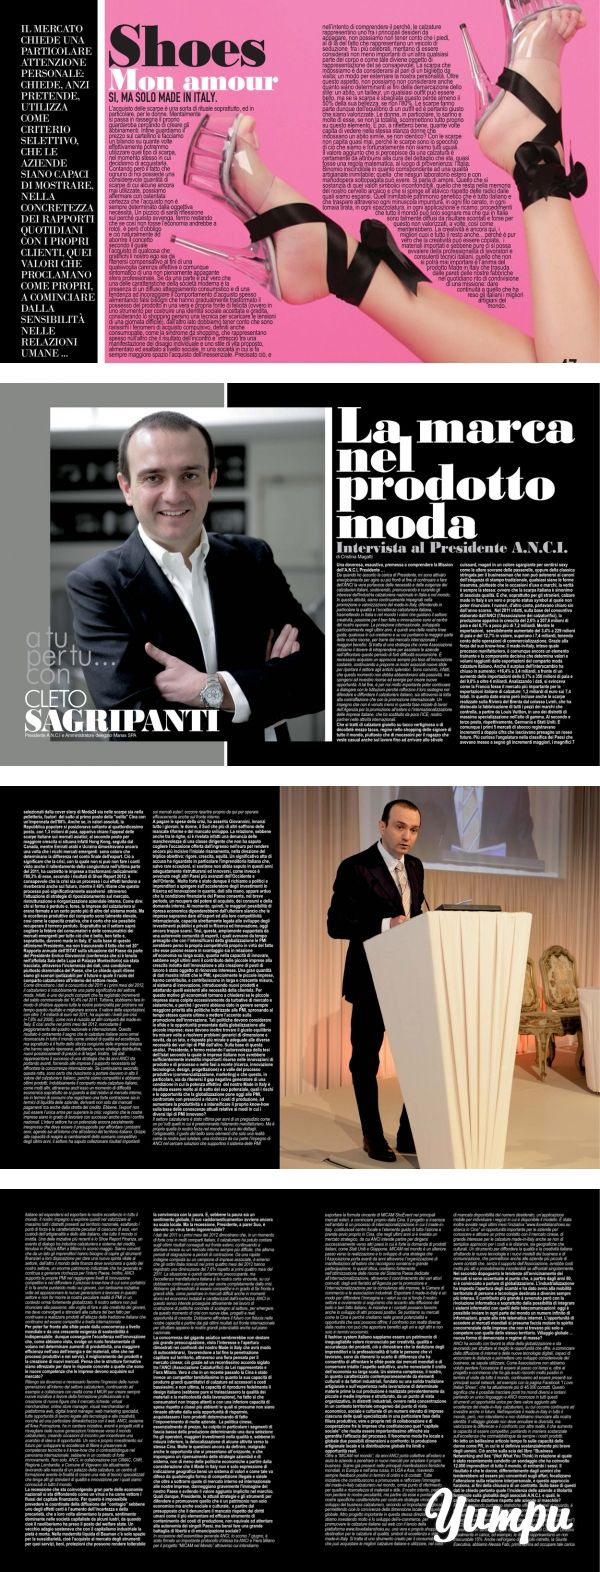 03 rubrica chi lo ha detto.cdr - Donna Impresa Magazine - Magazine with 8 pages: 03 rubrica chi lo ha detto.cdr - Donna Impresa Magazine